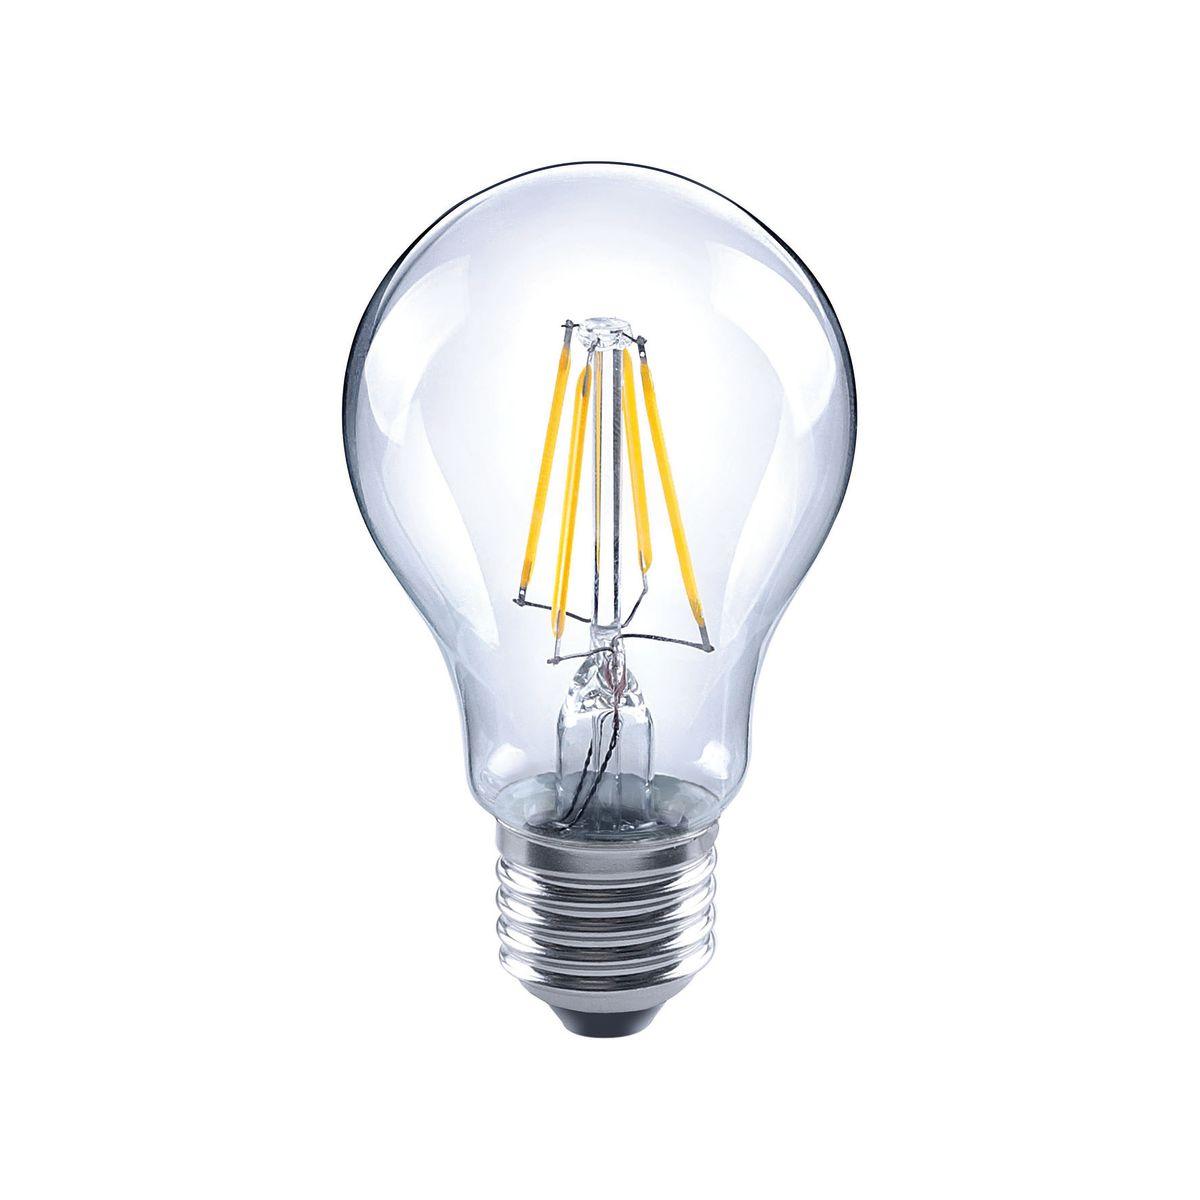 Lampadina led lexman filamento e27 40w goccia luce calda for Lampadine led leroy merlin